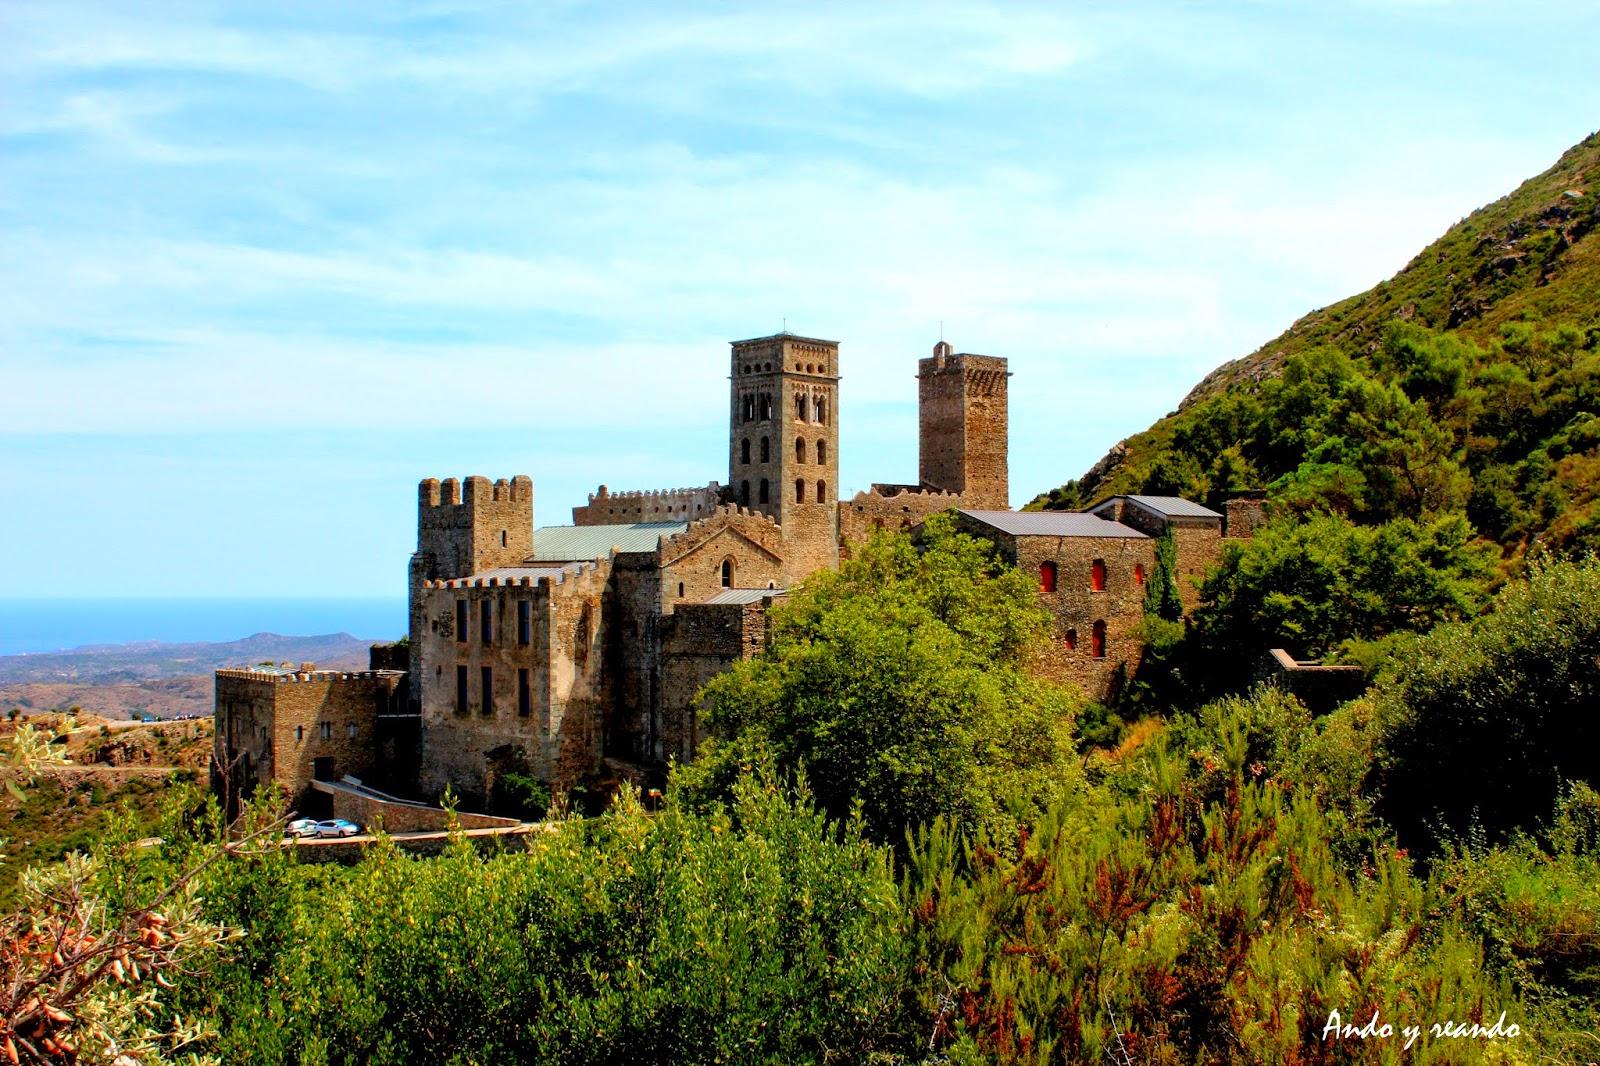 Monasterio de San Pére de Rodas